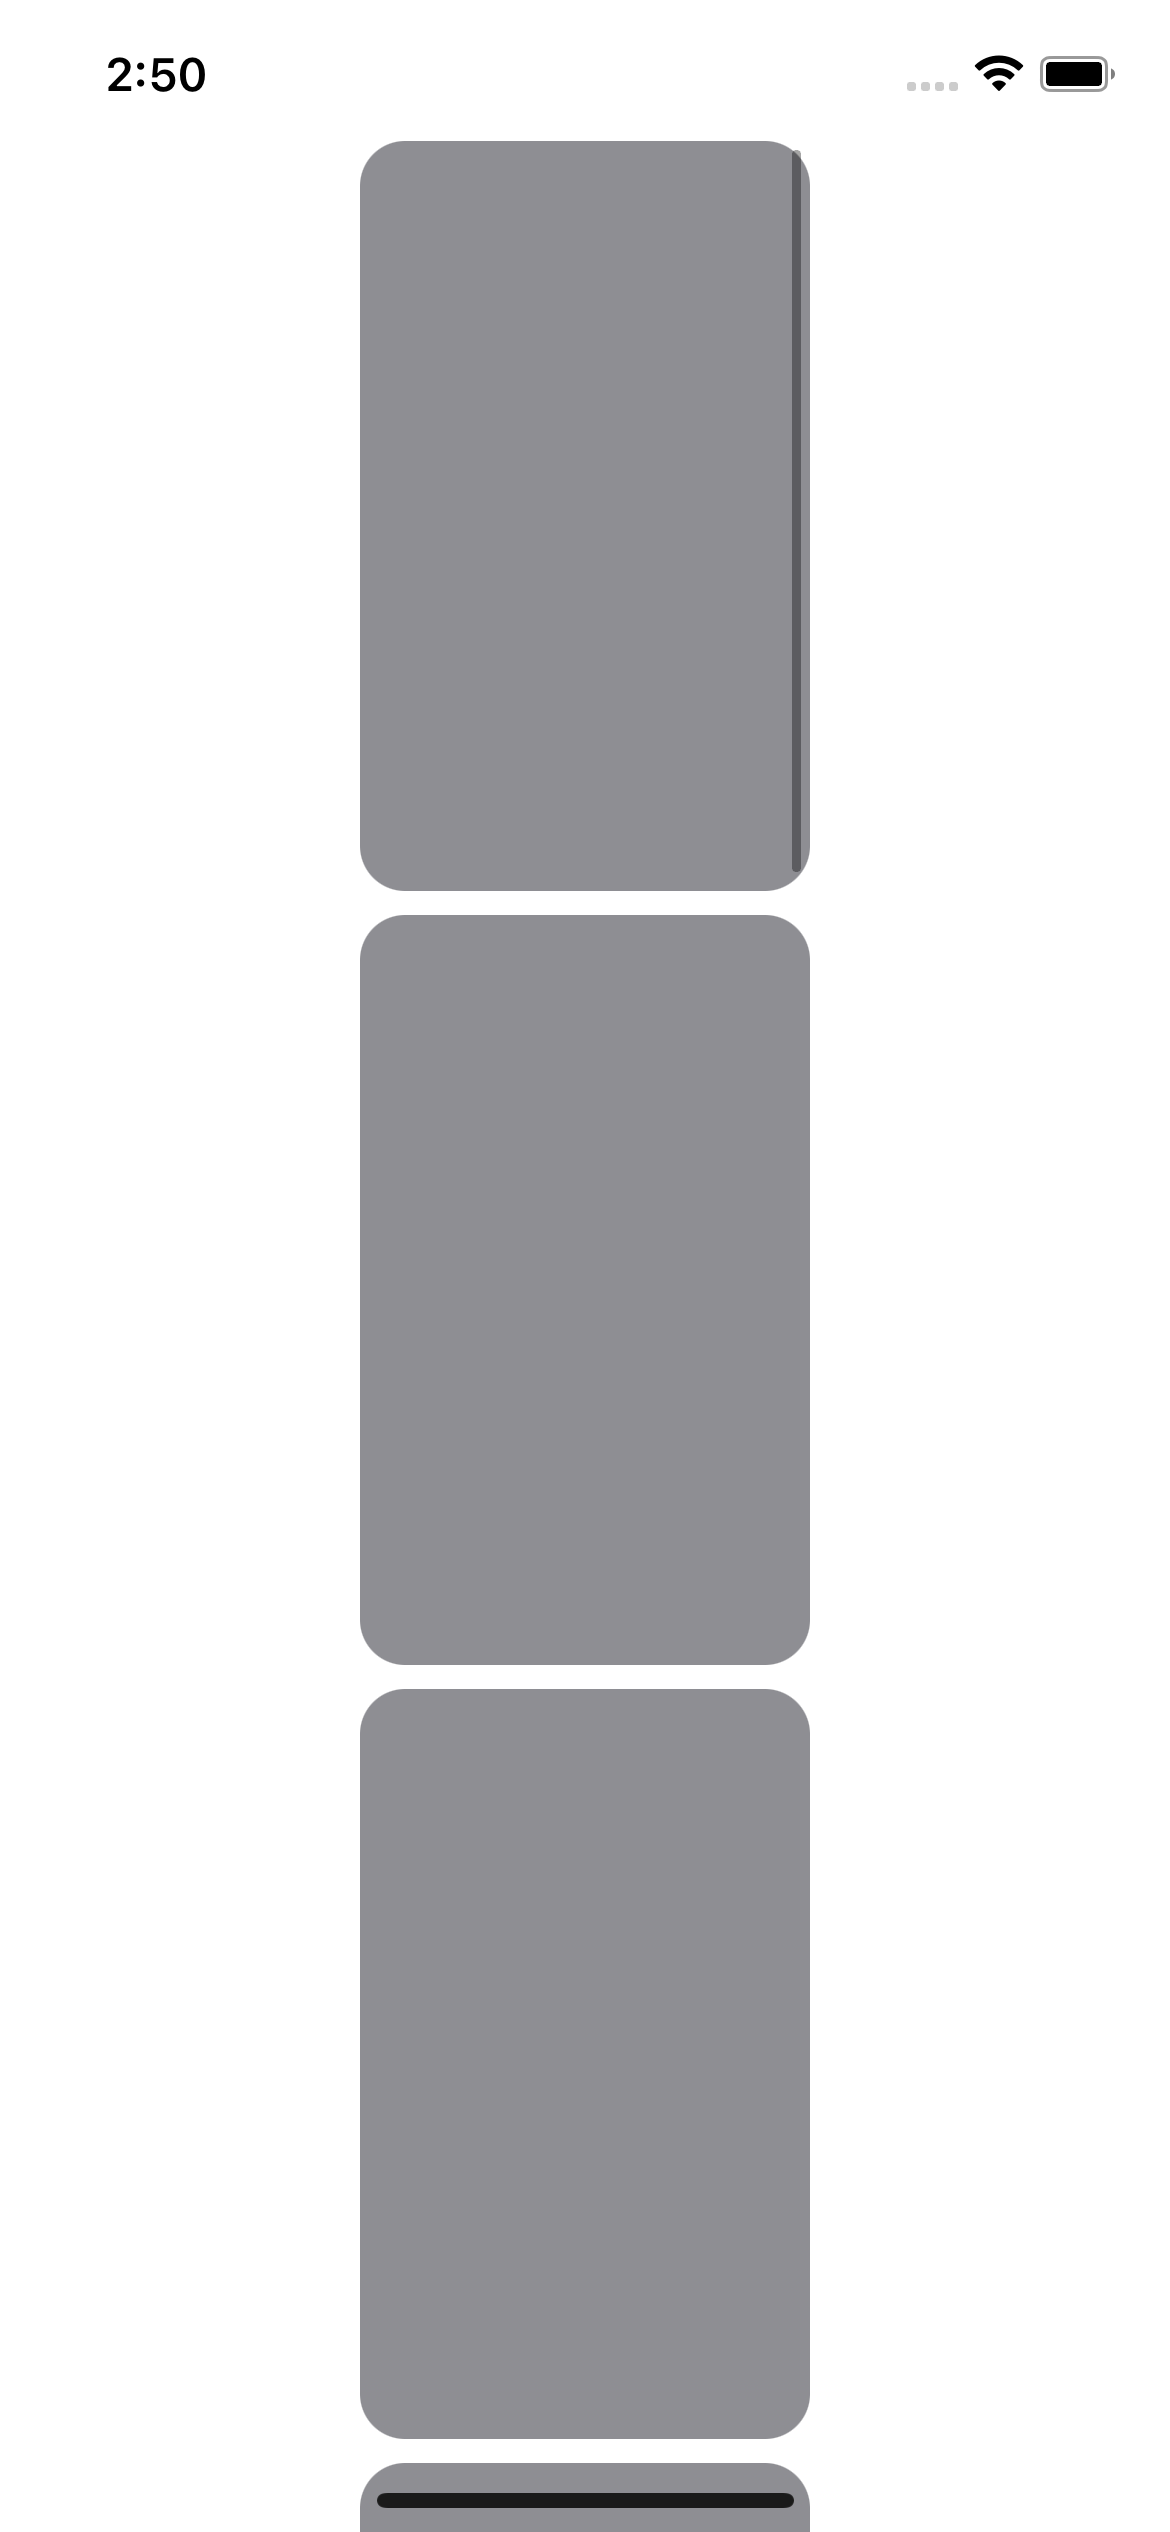 Placeholder thumbnails